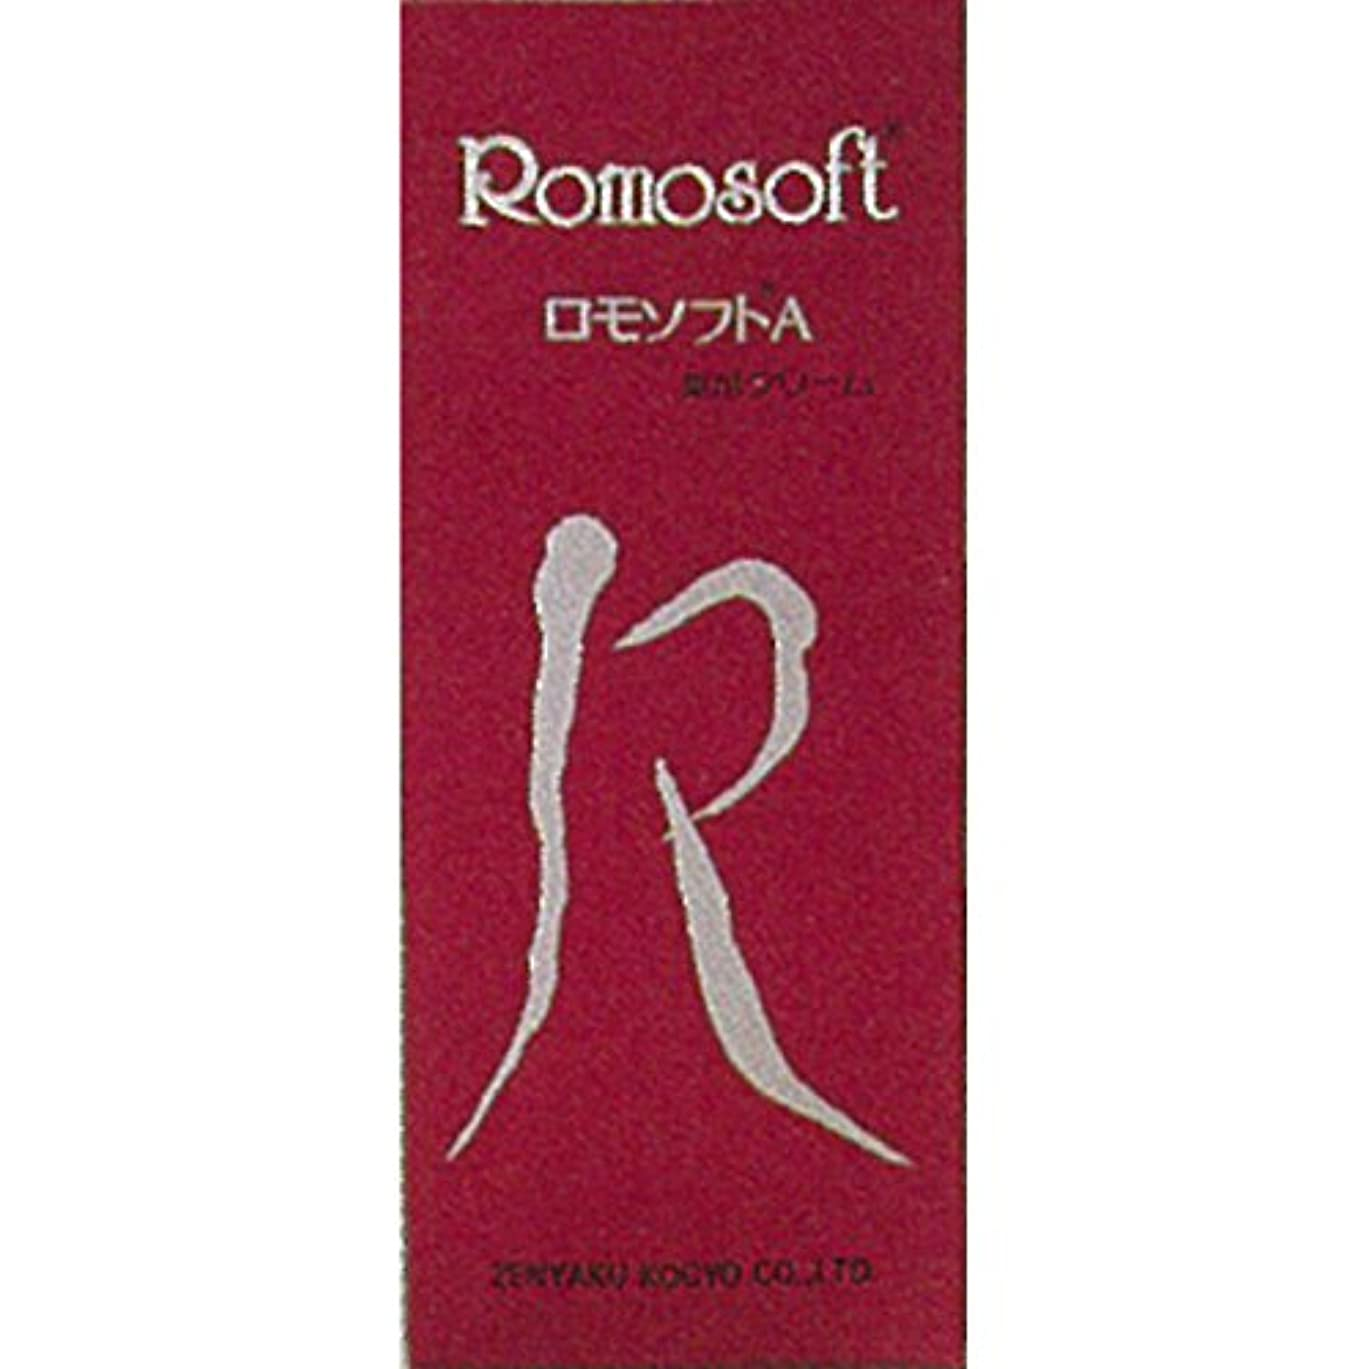 コレクション多年生提案ロモソフトA 50g